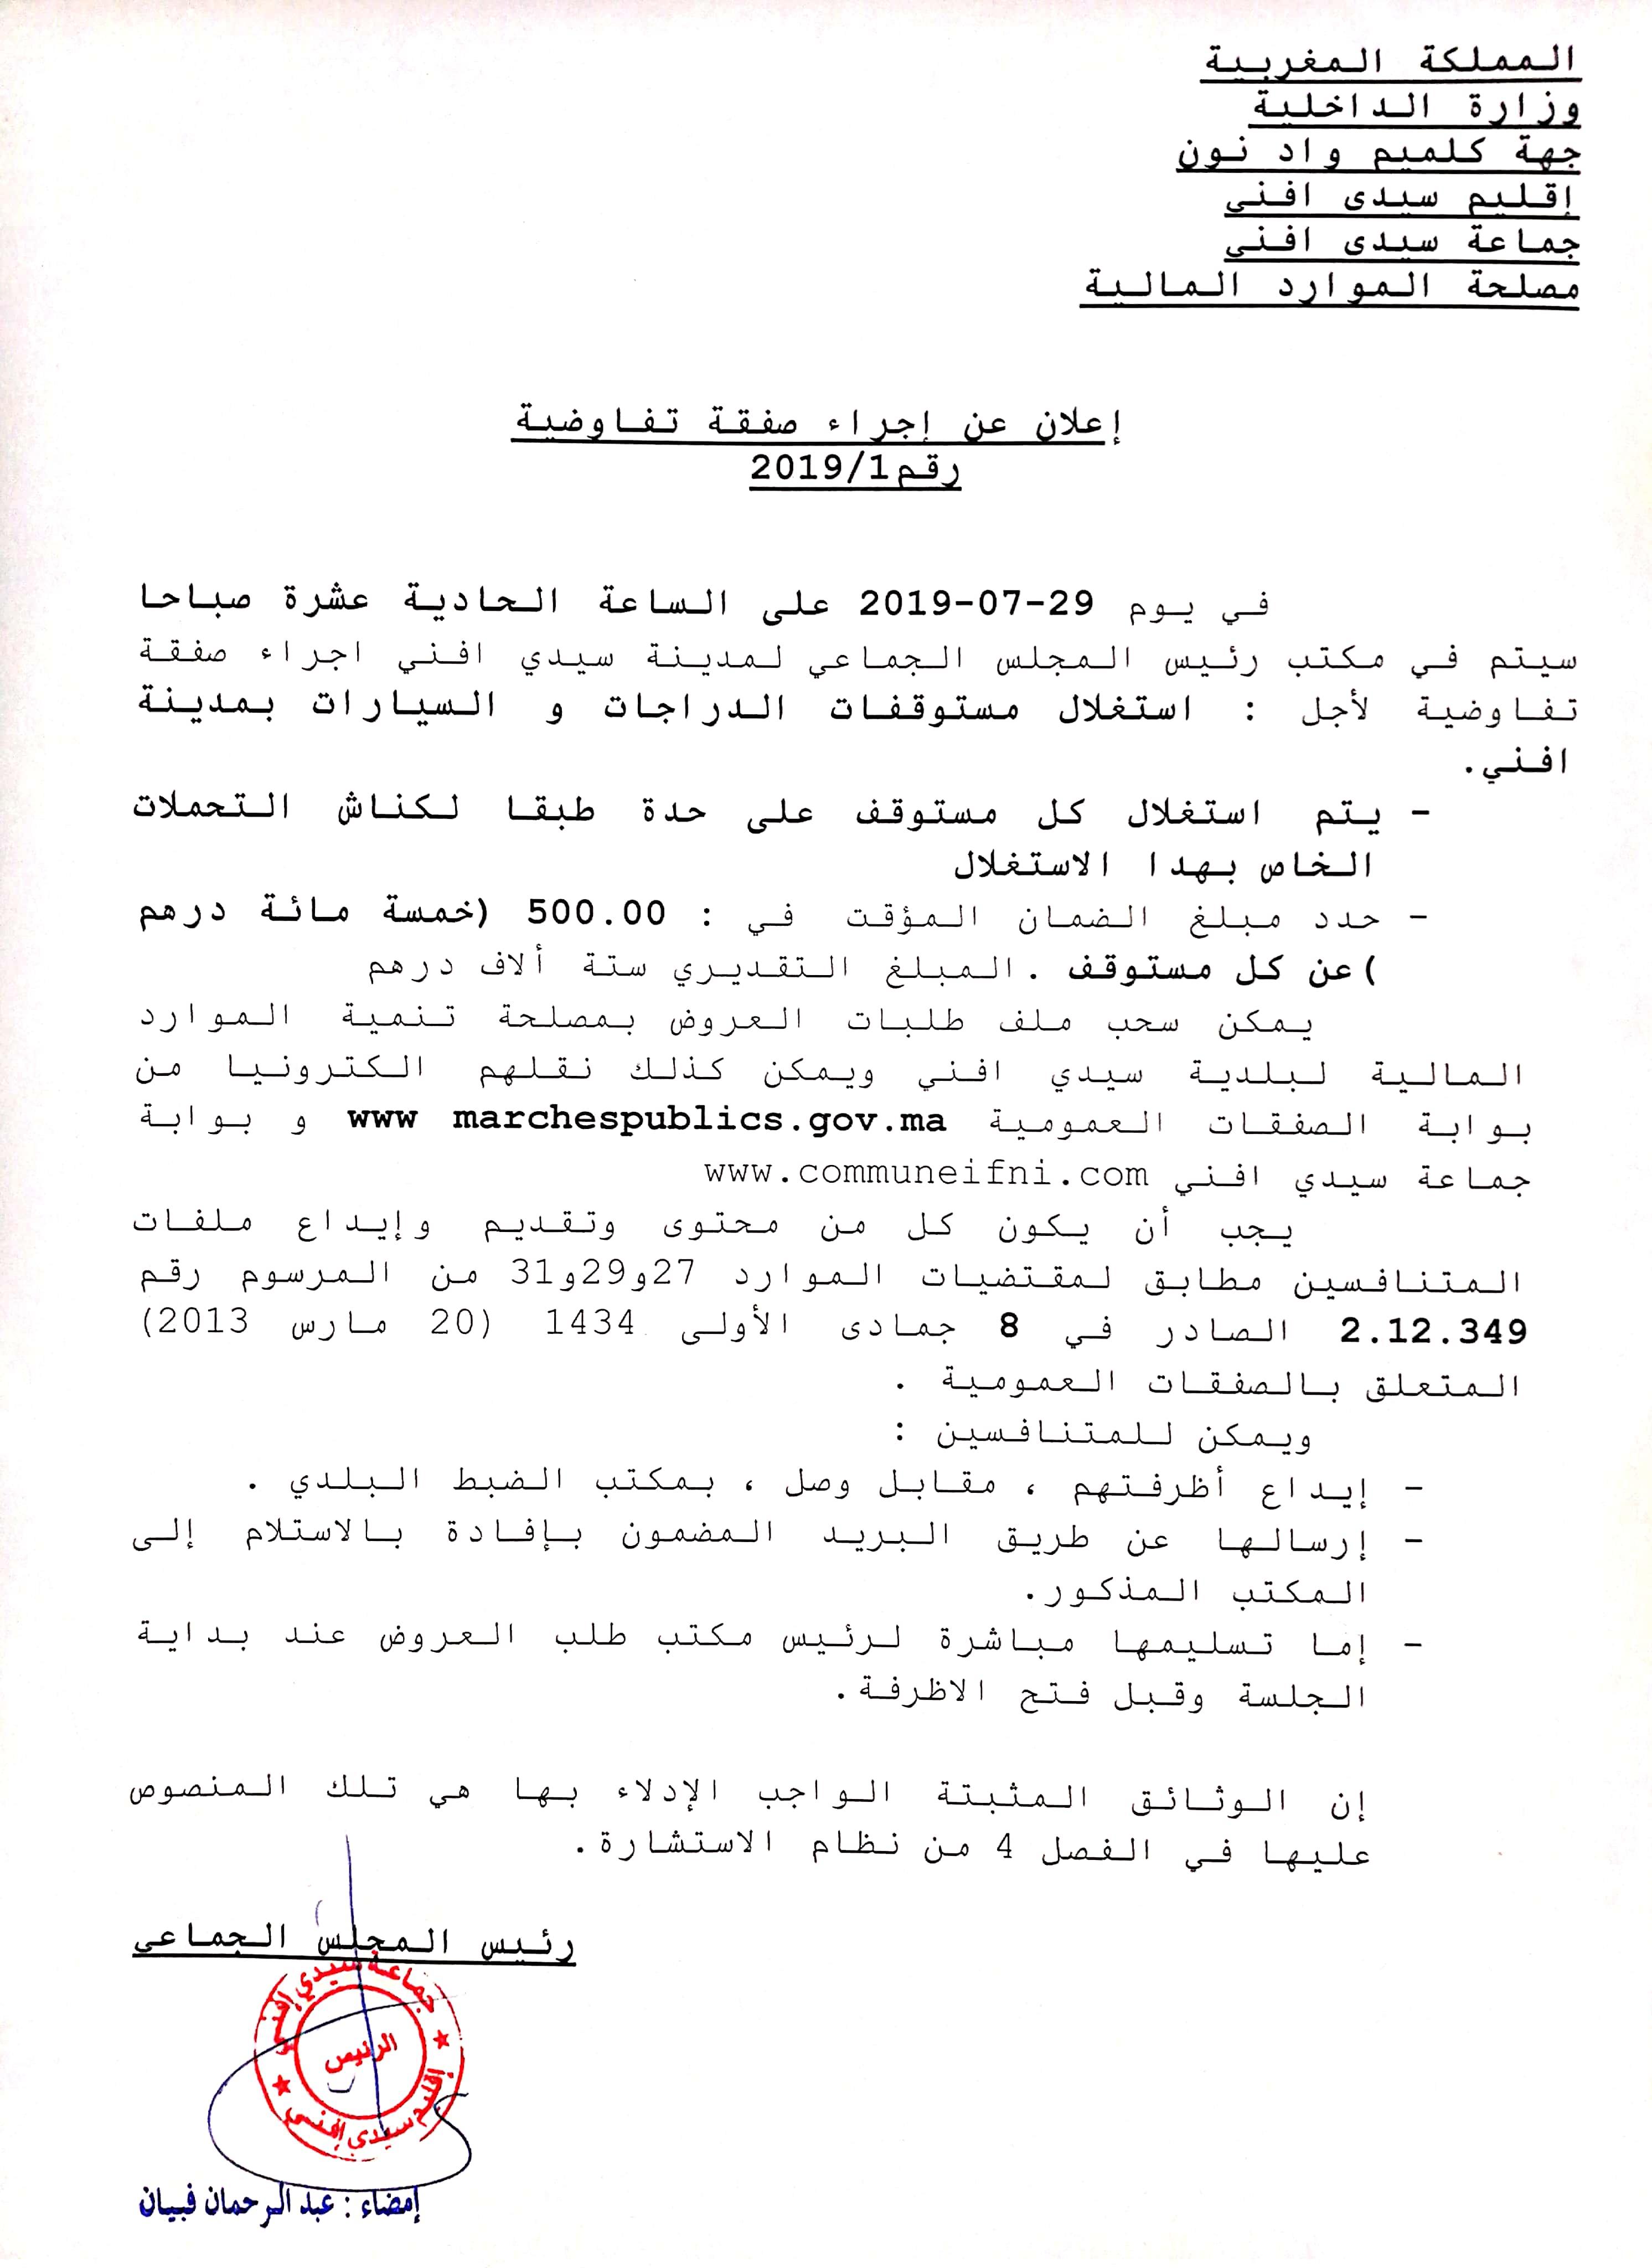 Nouveau document 2019-07-22 15.43.25